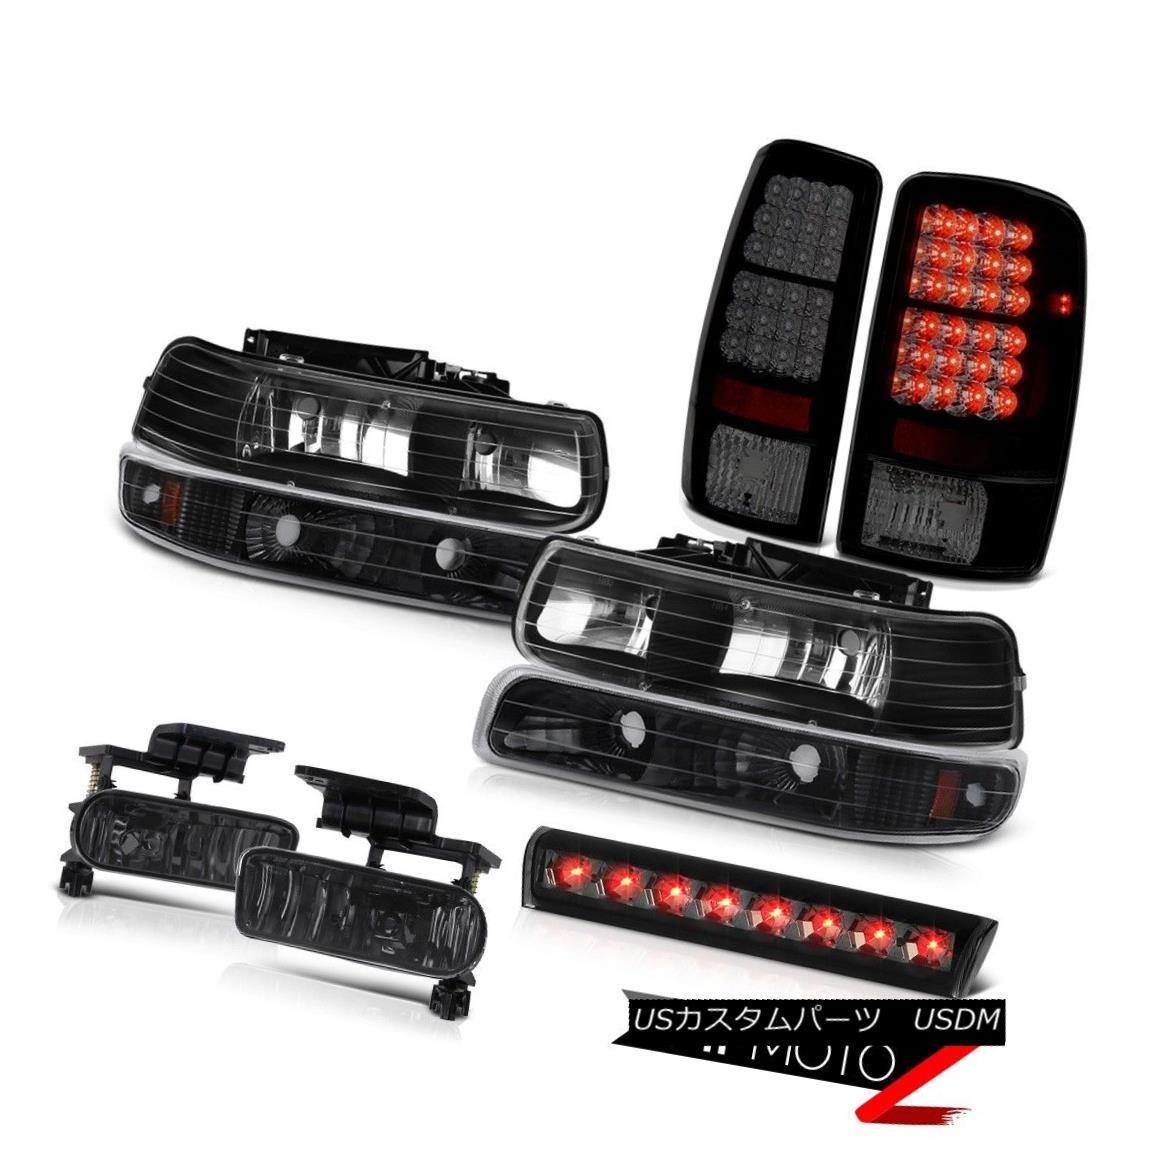 テールライト 00-06 Chevy Suburban LS Smokey third brake light fog lamps tail black Headlights 00-06シボレー郊外LSスモーキー第3ブレーキライトフォグランプテールブラックヘッドライト